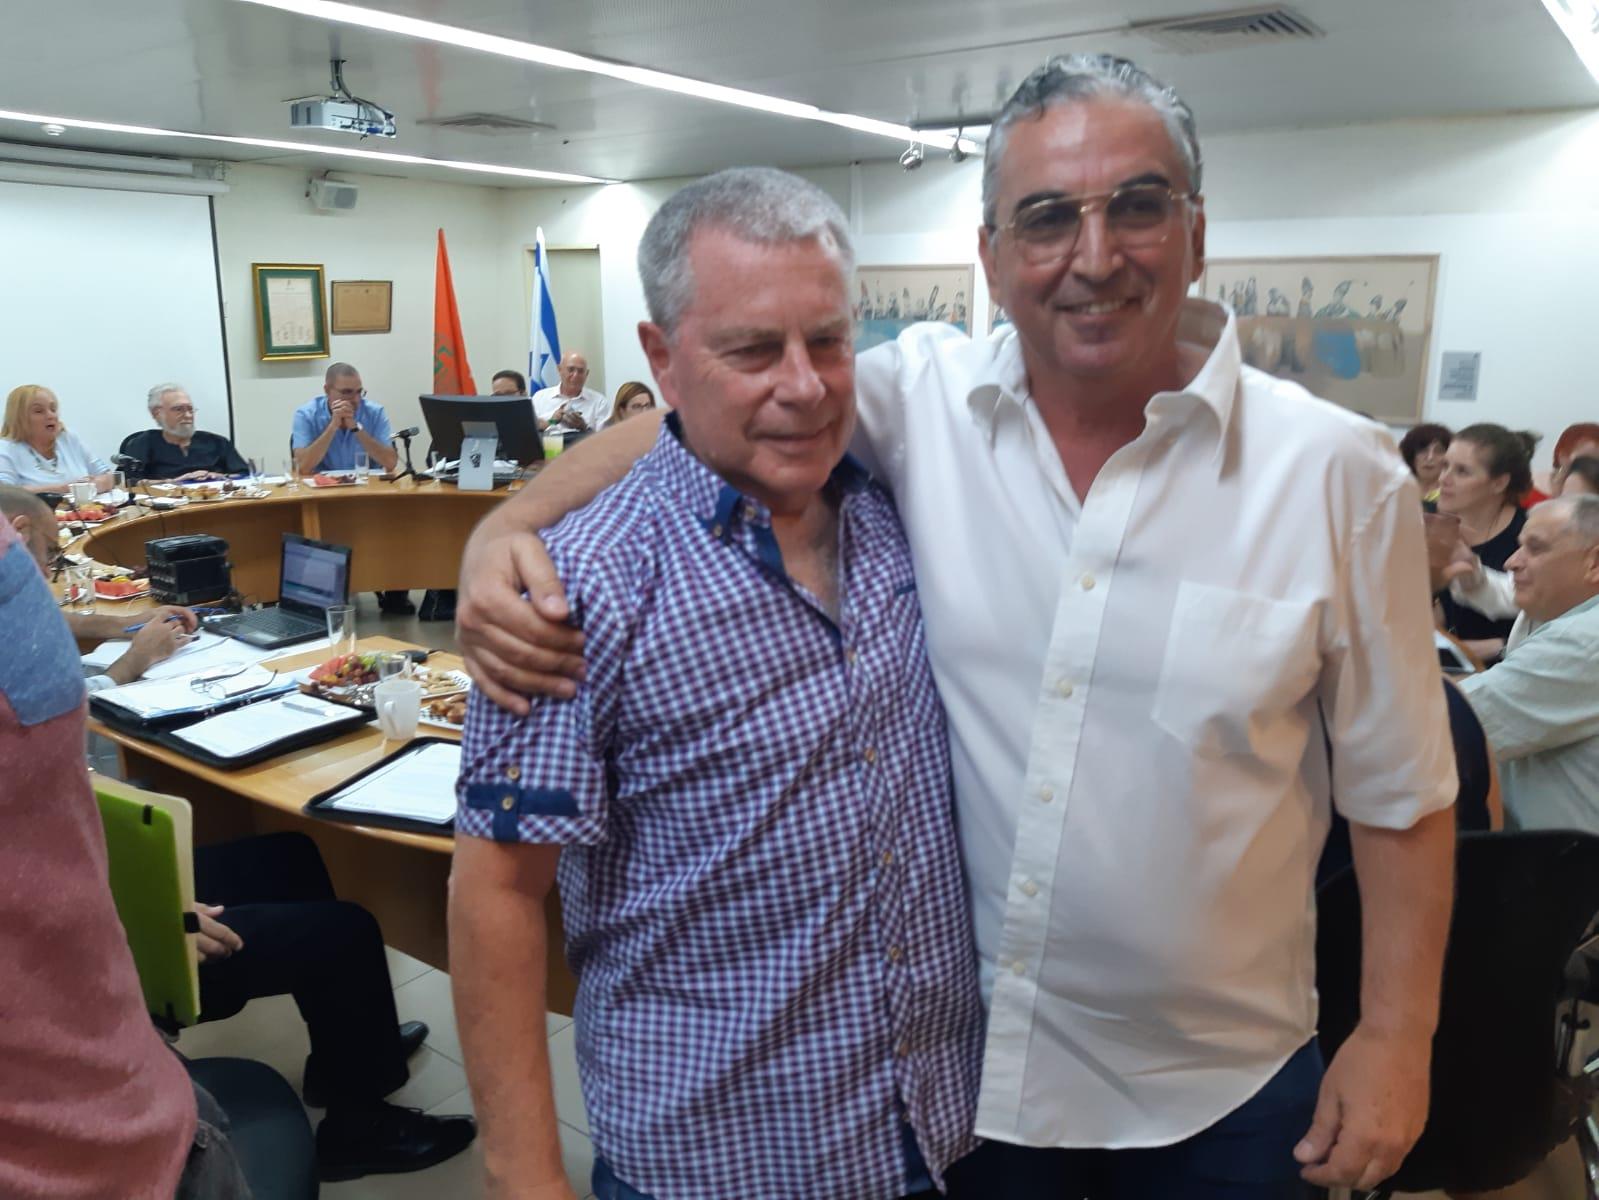 ודמני וברוידא לאחר אישור מינויו של ודמני למשנה לראש העיר